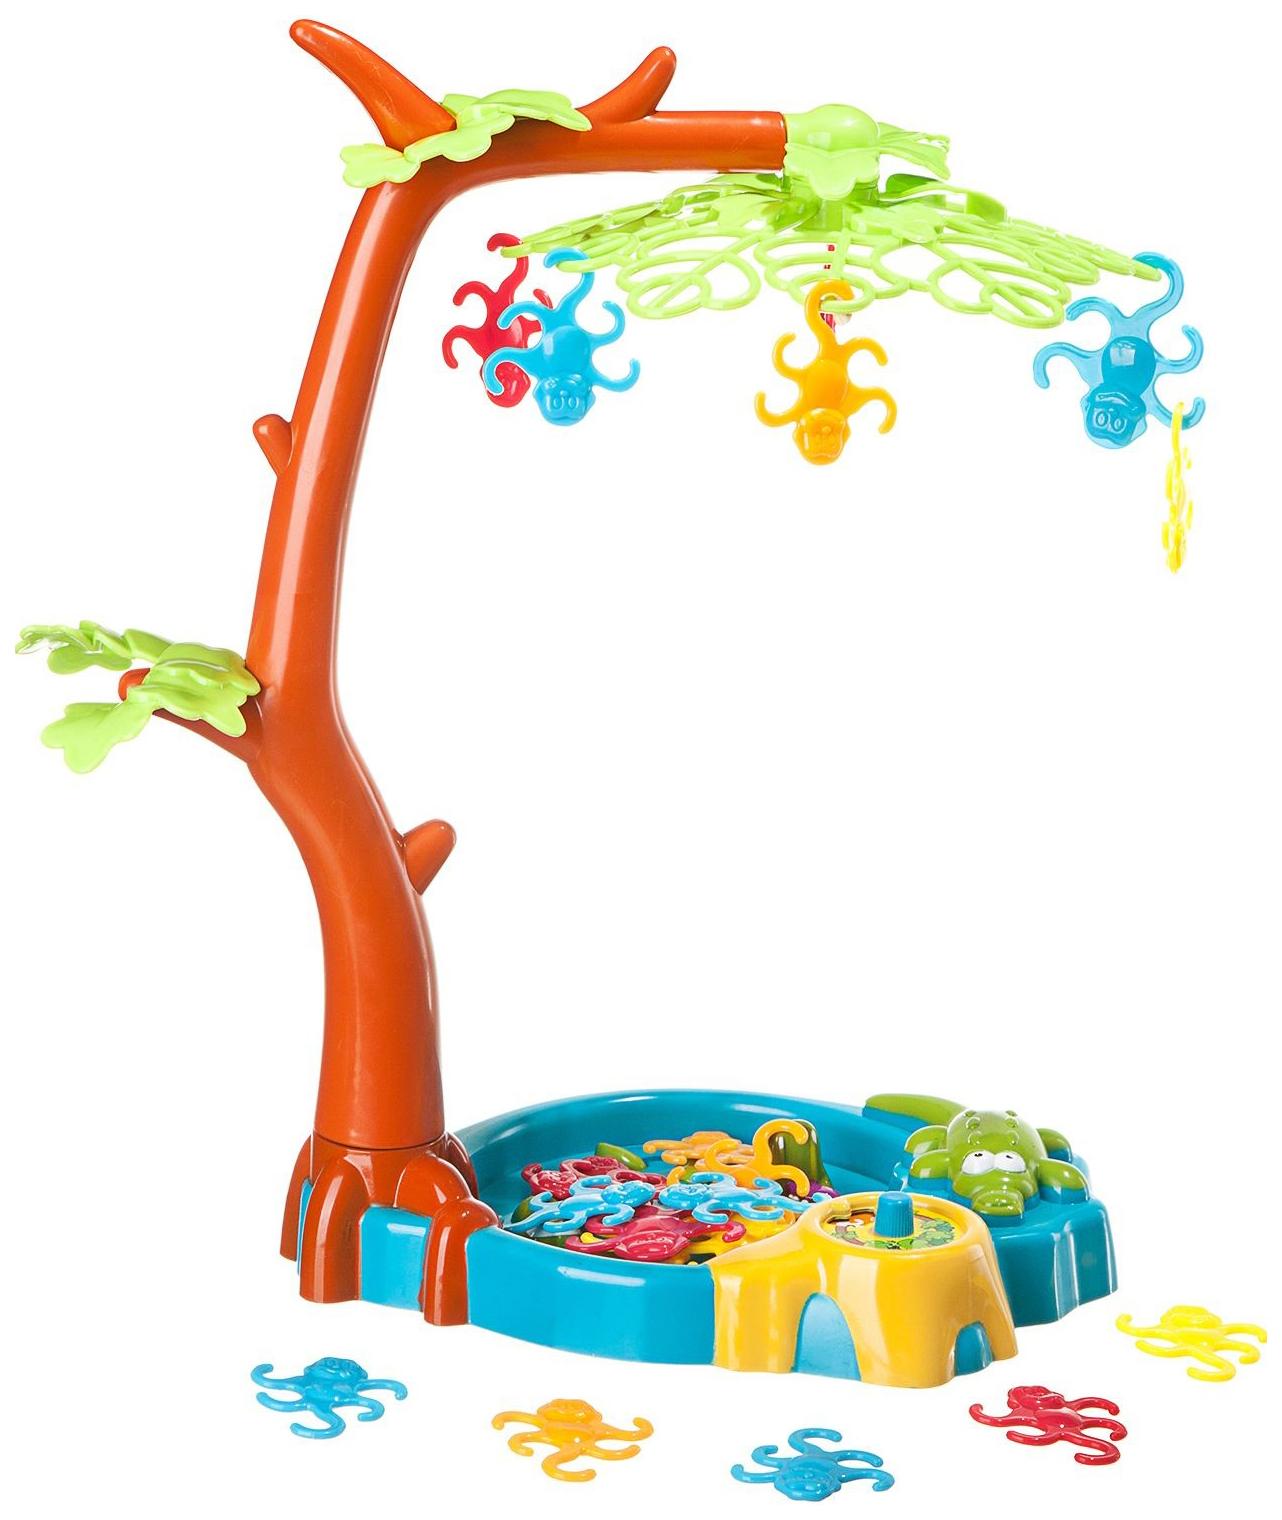 Купить Настольная игра Фортуна Пальма первенства - обезьянки 77175, Семейные настольные игры